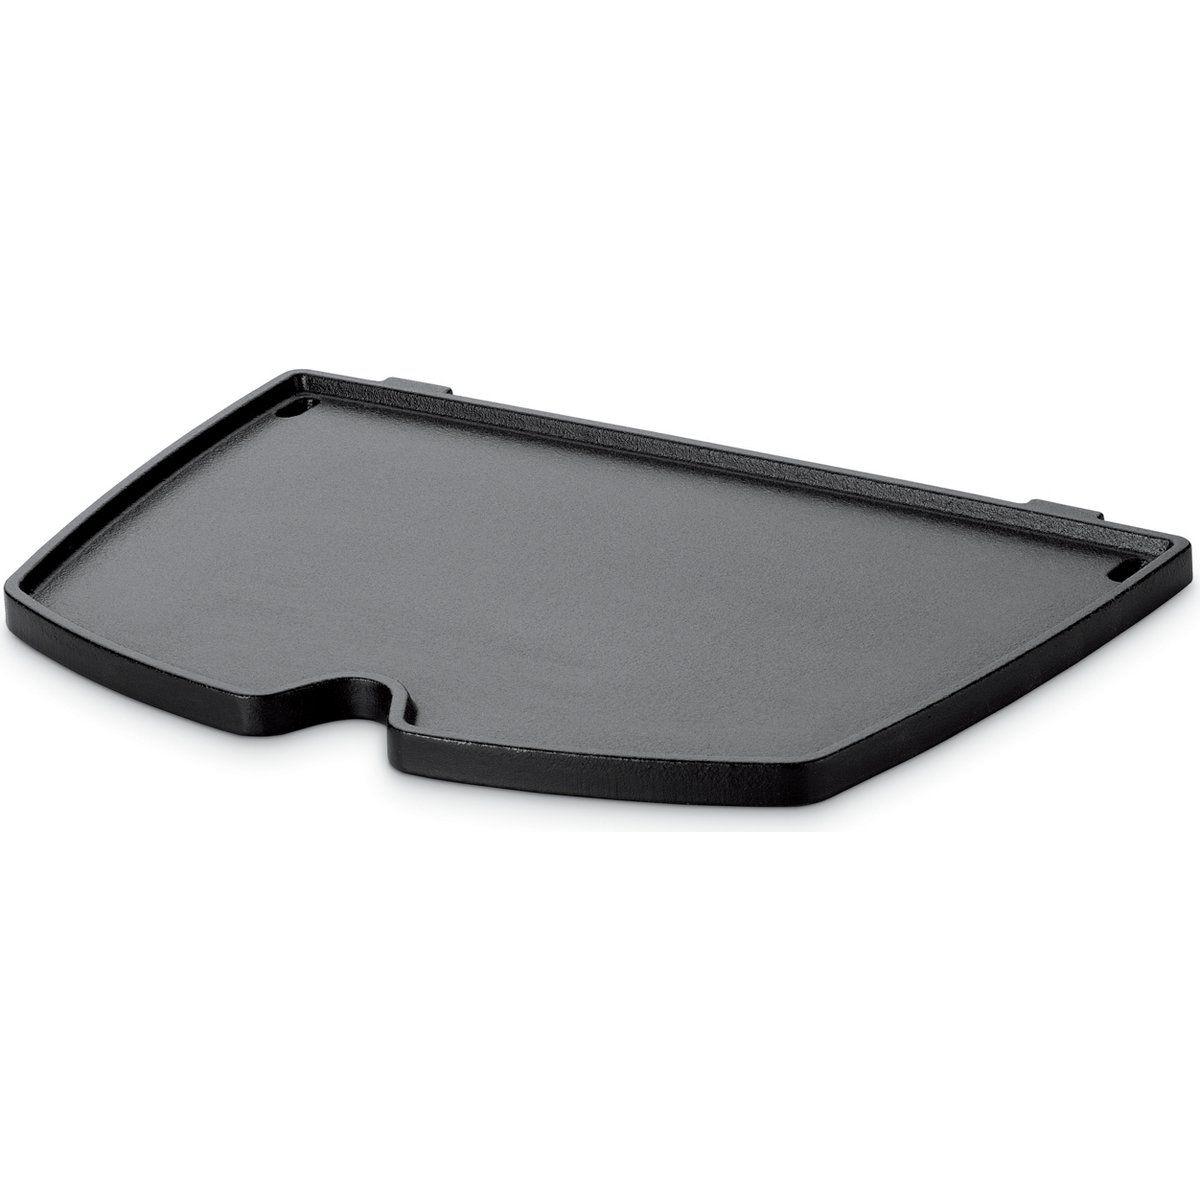 plancha weber en fonte pour q100 1000 vendu par boulanger comparateurs 2499060. Black Bedroom Furniture Sets. Home Design Ideas